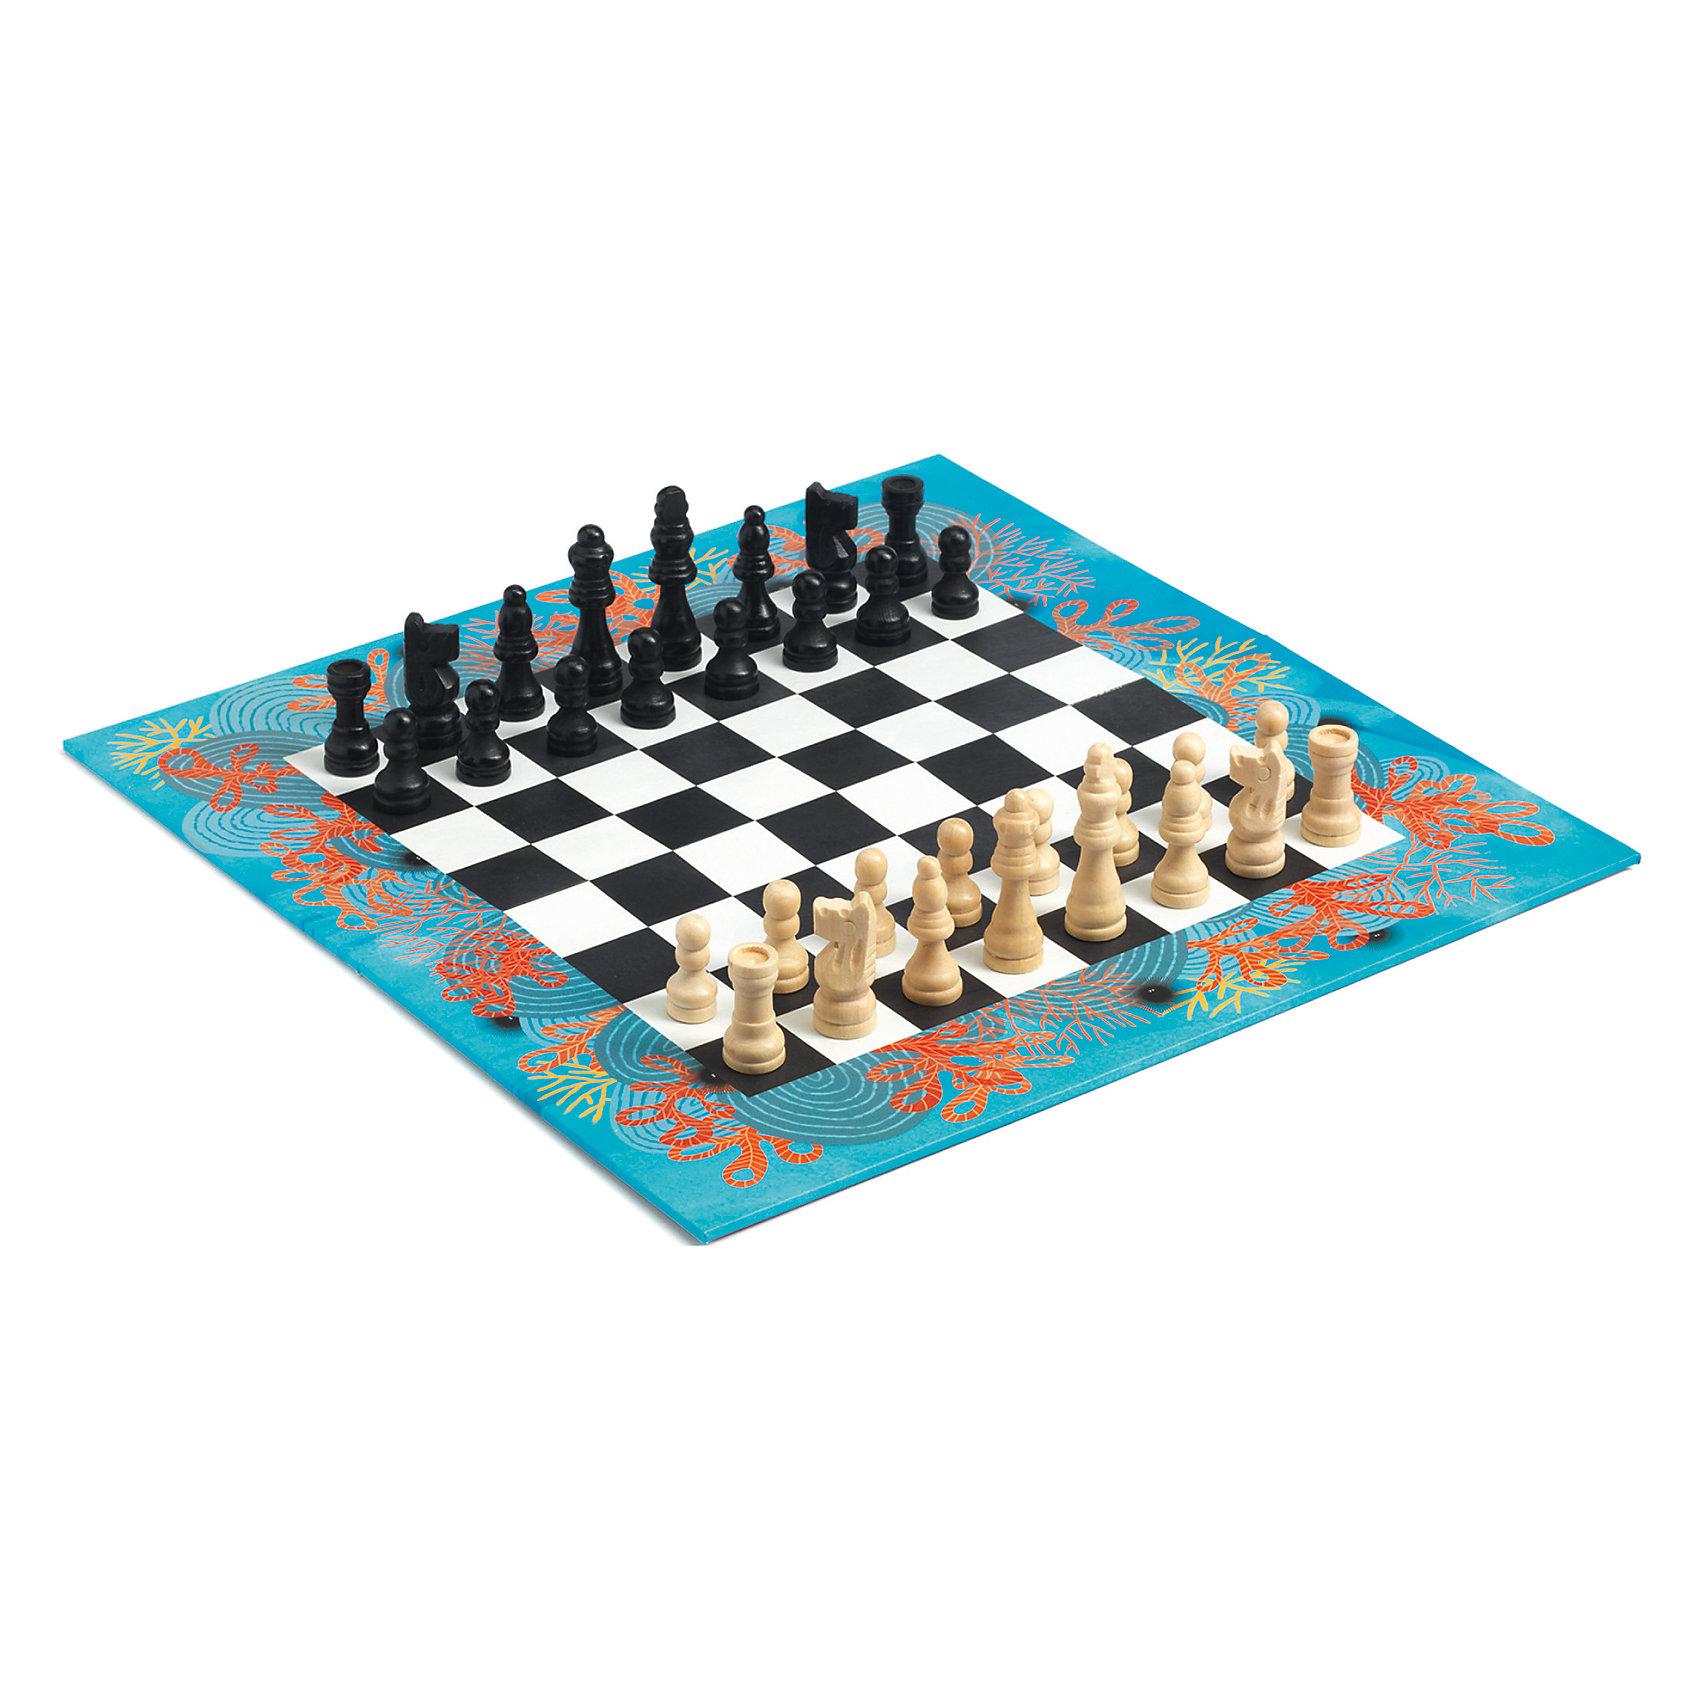 Шахматы, DJECOИгры-стратегии<br>Шахматы от французского производителя Djeco – великолепный набор, который понравится и детям, и взрослым! <br><br>Яркий набор классической игры в неповторимом дизайне Djeco! Набор включает в себя прекрасные деревянные фигурки и иллюстрированную доску для игры. <br><br>Игра в шахматы развивает логическое и стратегическое мышление, внимательность, способность к принятию решений. <br><br>Набор изготовлен из безопасных высококачественных материалов. <br>Продается в яркой подарочной упаковке.<br><br>Ширина мм: 380<br>Глубина мм: 160<br>Высота мм: 30<br>Вес г: 300<br>Возраст от месяцев: 36<br>Возраст до месяцев: 1188<br>Пол: Унисекс<br>Возраст: Детский<br>SKU: 4761450